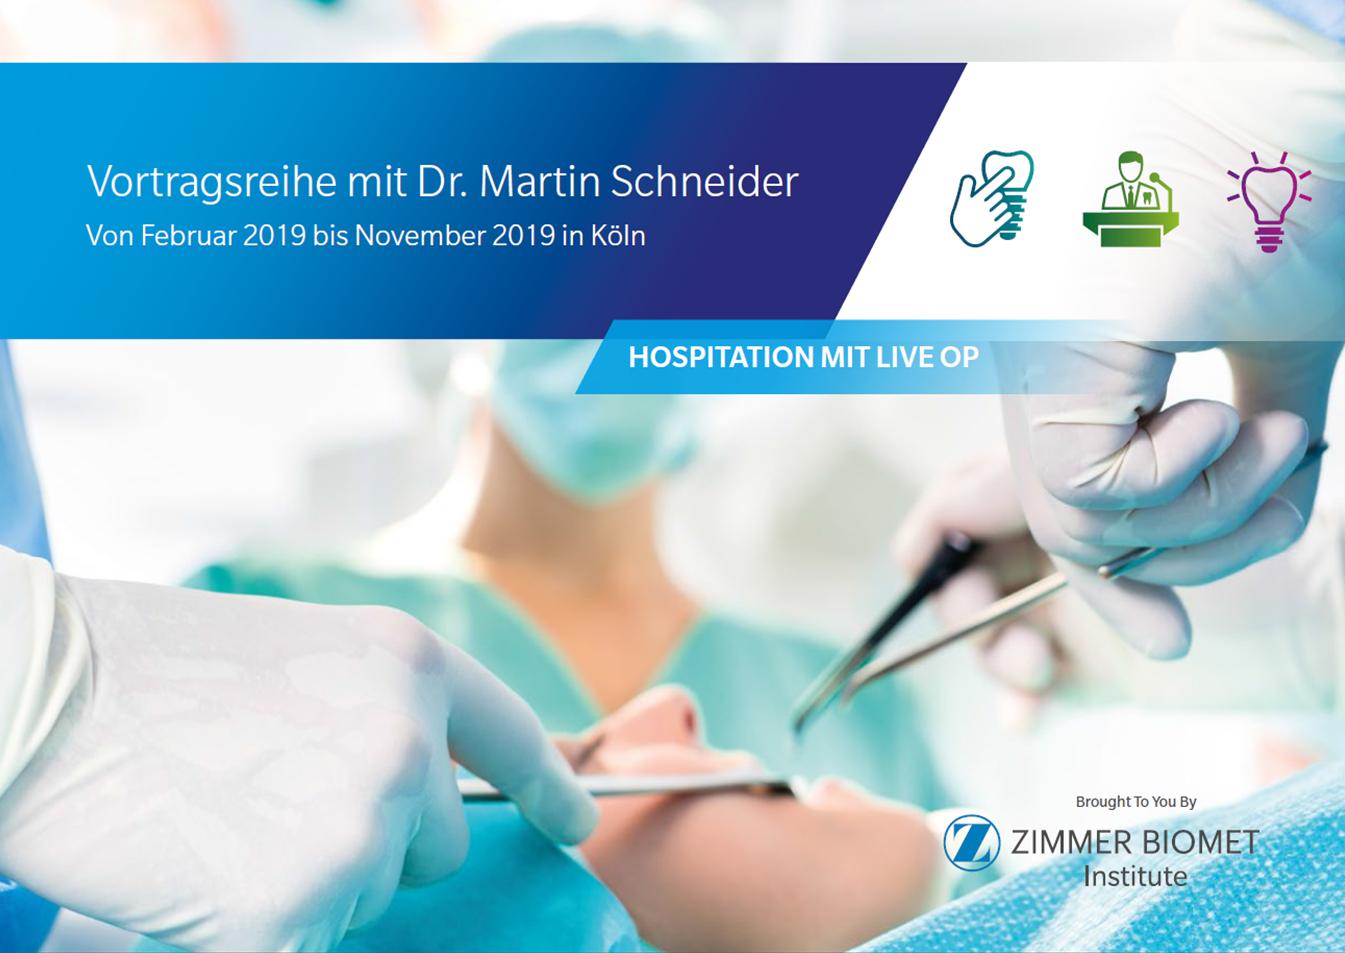 Hospitation mit Live OP / Vortragsreihe mit Dr. Martin Schneider